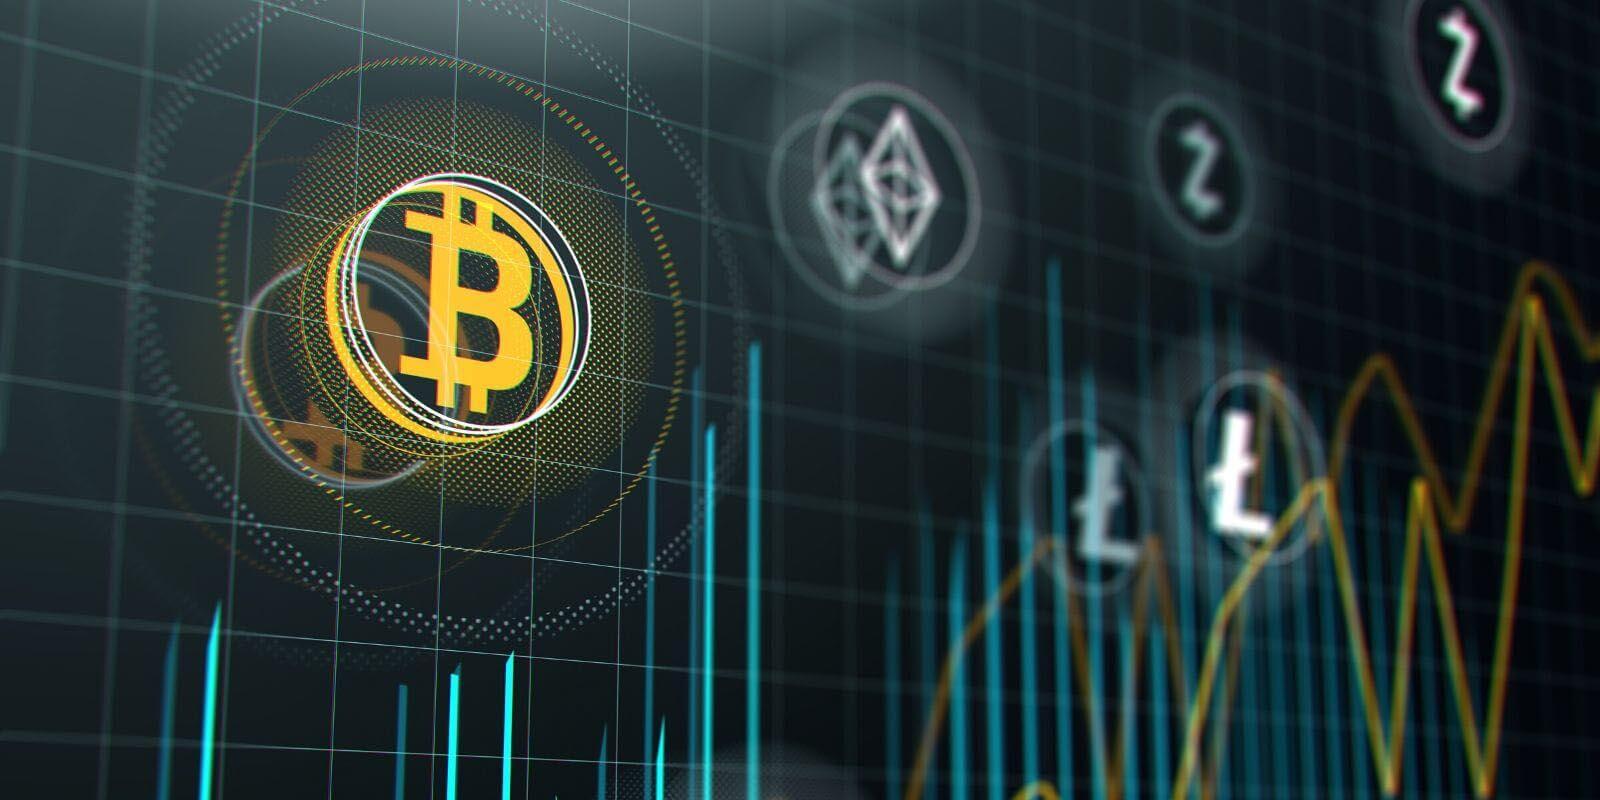 Qui est derrière les exchanges de crypto-monnaies ?